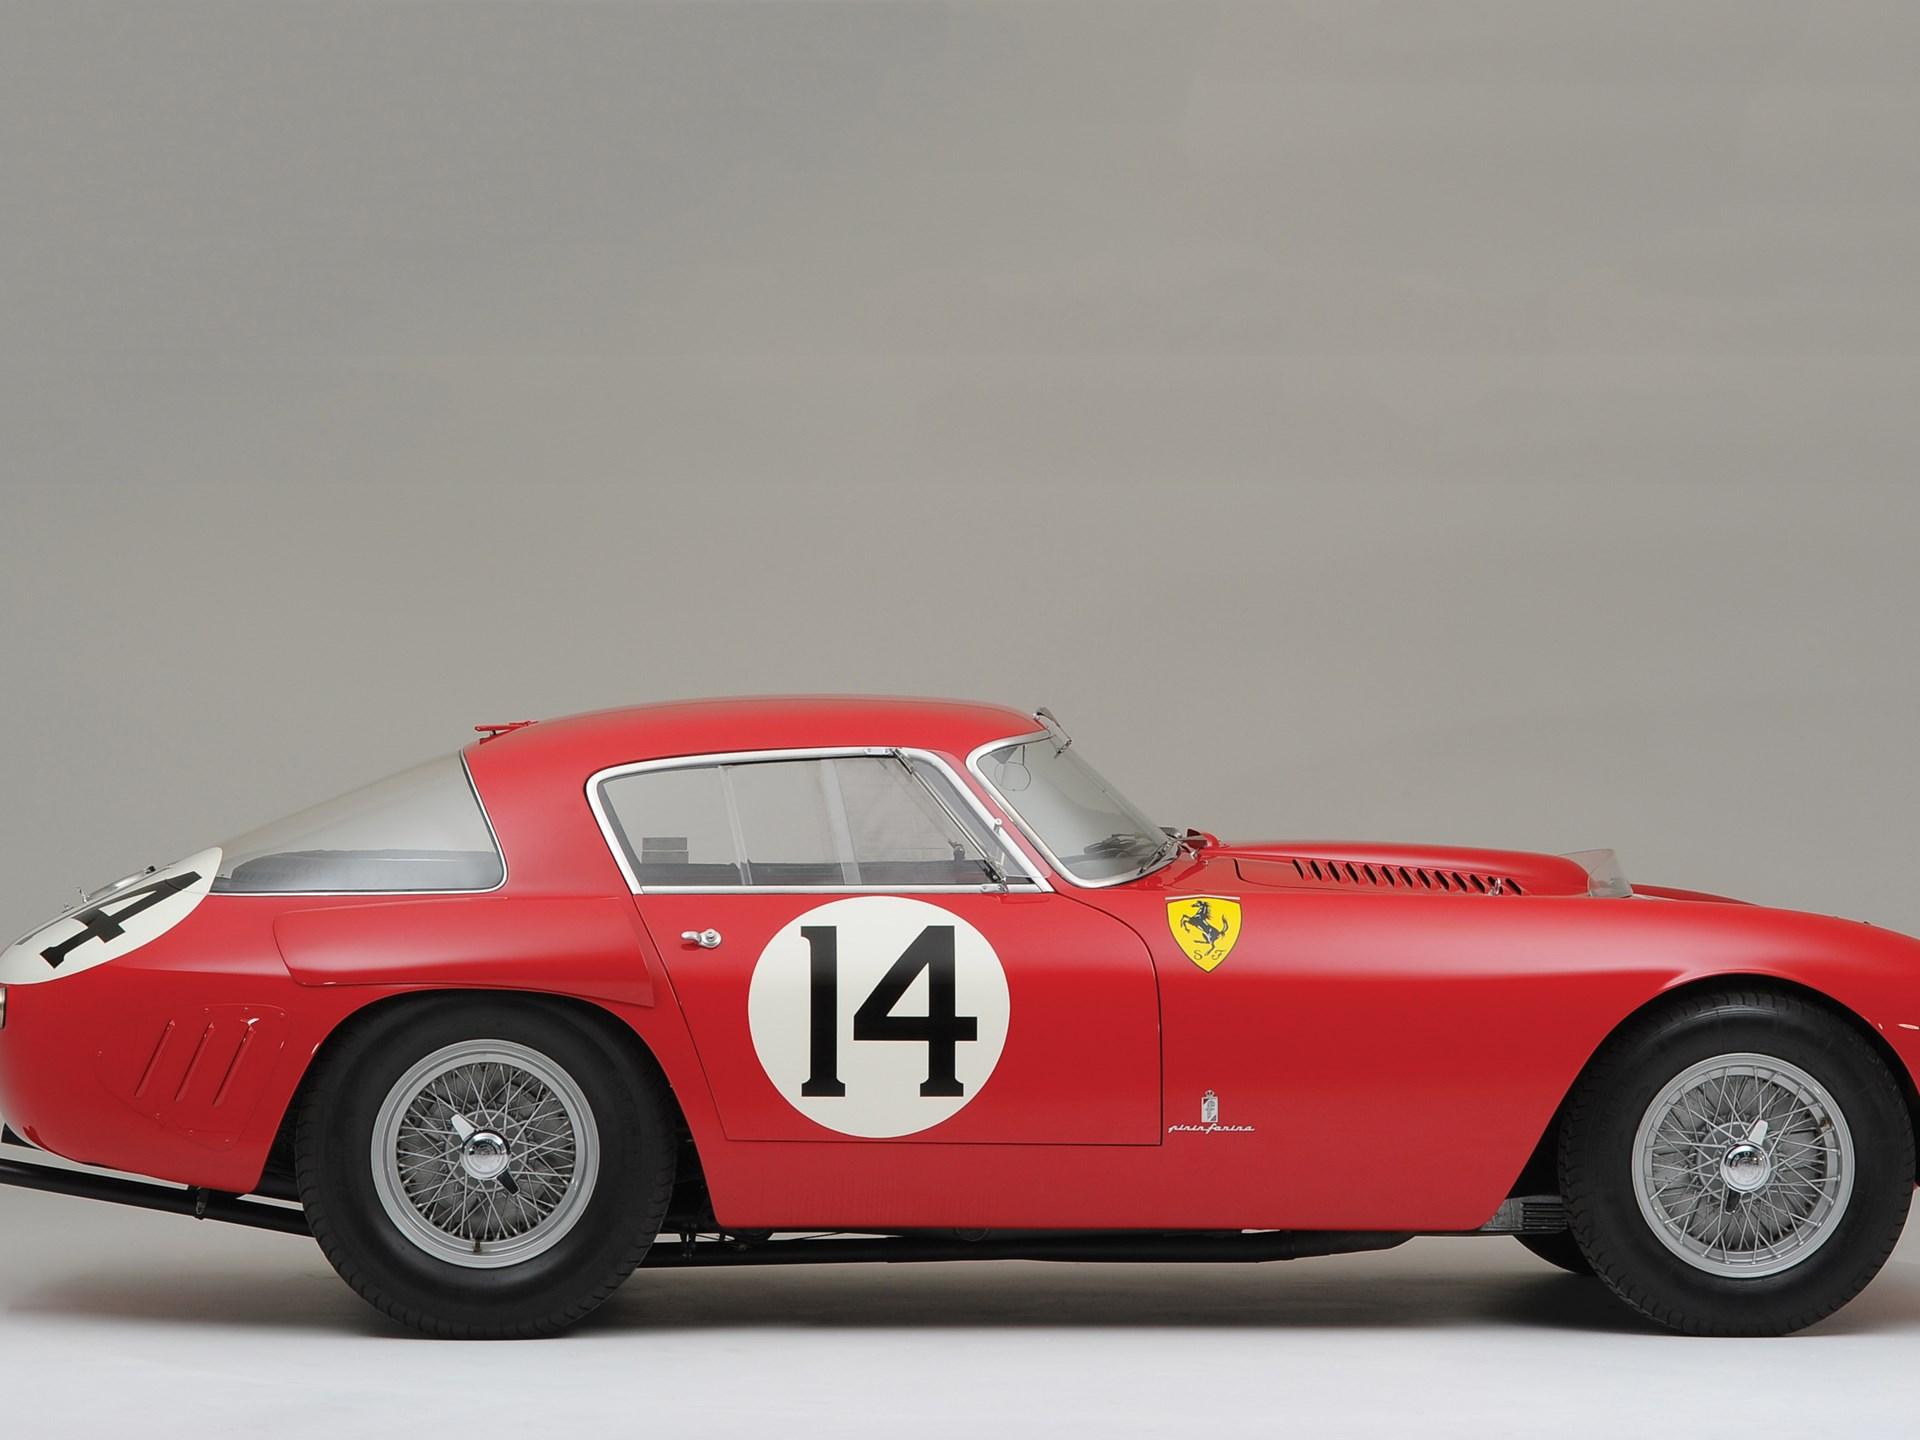 1953 Ferrari 340/375 MM Berlinetta 'Competizione' by Pinin Farina